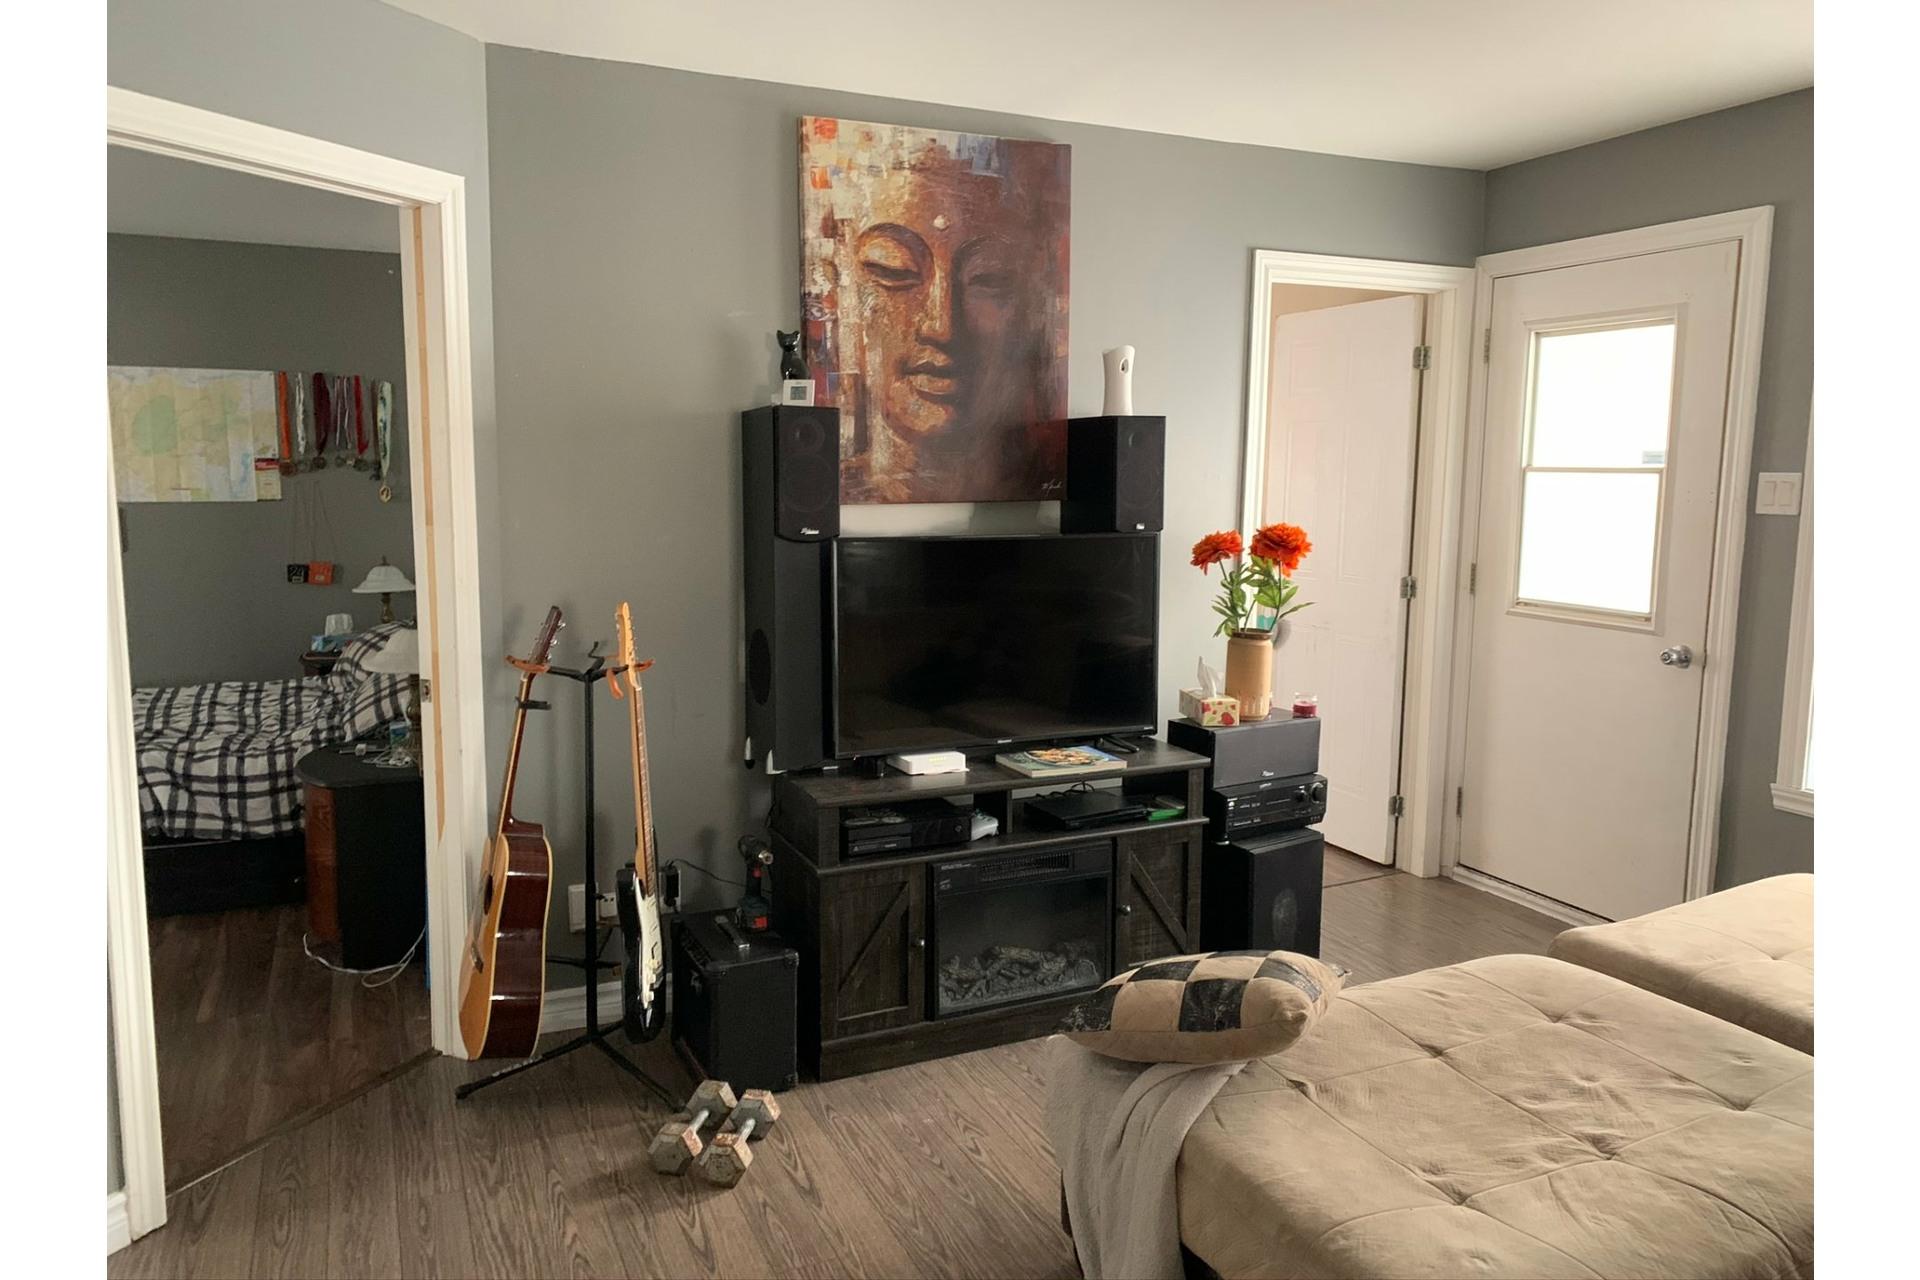 image 8 - Duplex For sale Trois-Rivières - 6 rooms